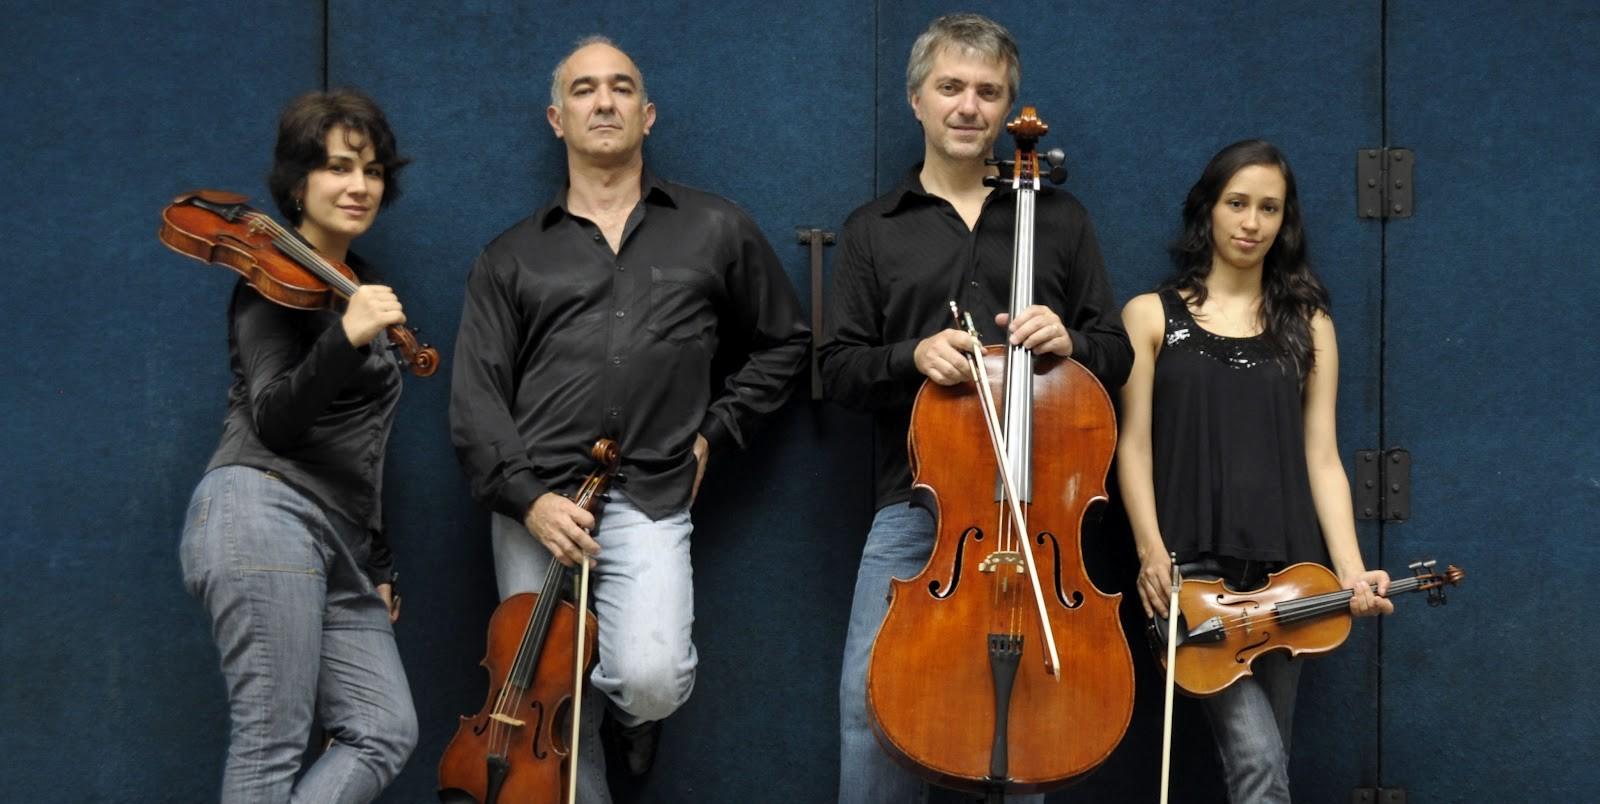 Quarteto Radamés Gnattali Foto:  Janaína Perotto